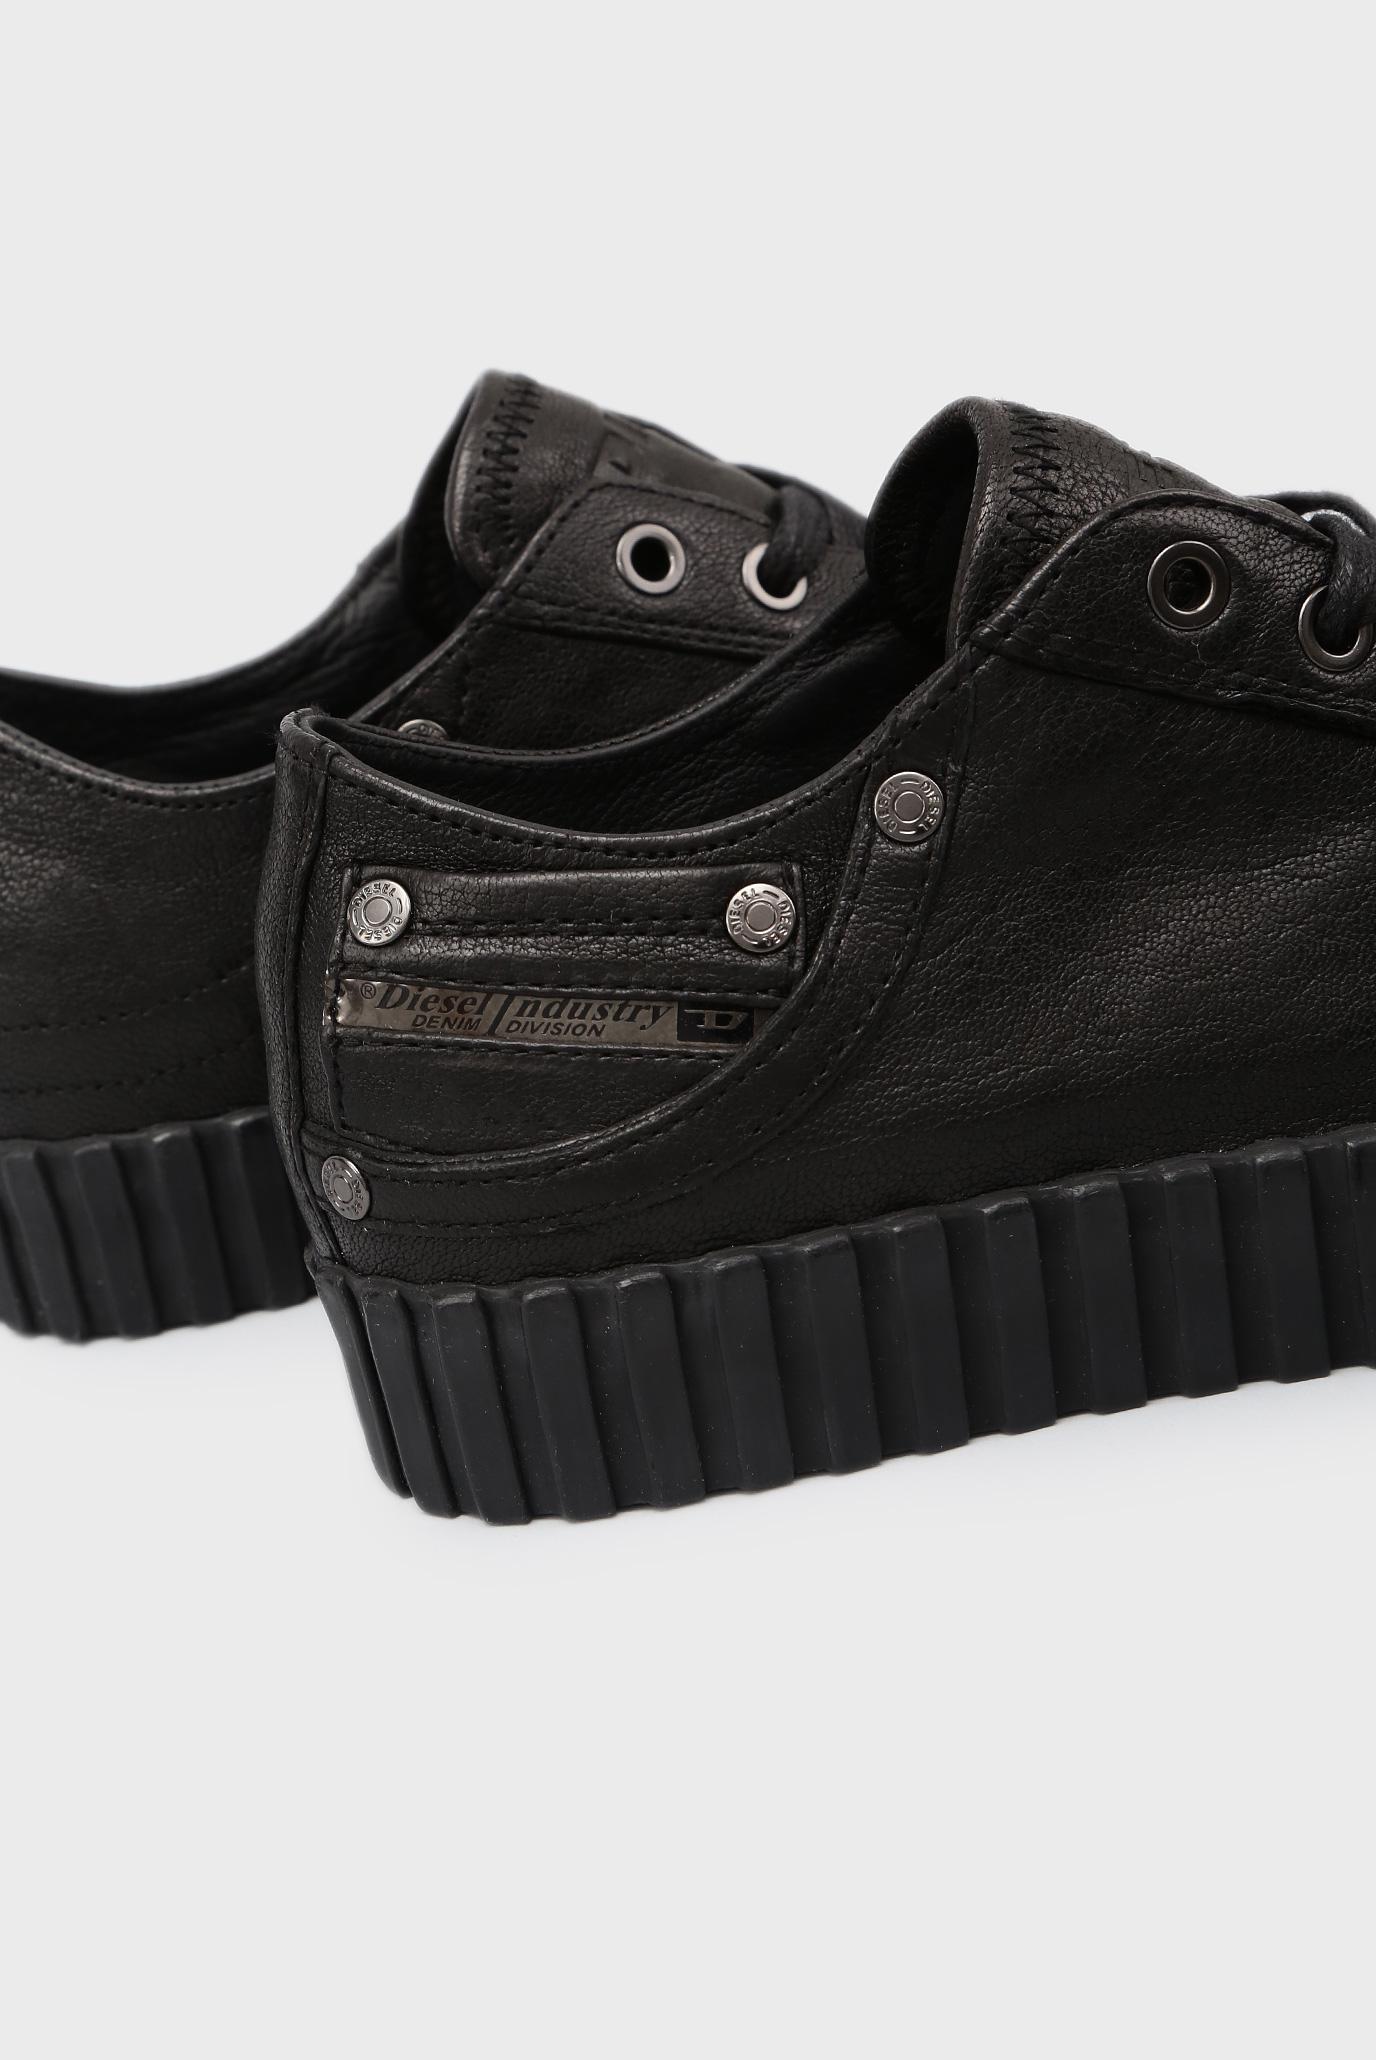 Купить Женские черные кожаные кеды Diesel Diesel Y01646 PR480 – Киев, Украина. Цены в интернет магазине MD Fashion